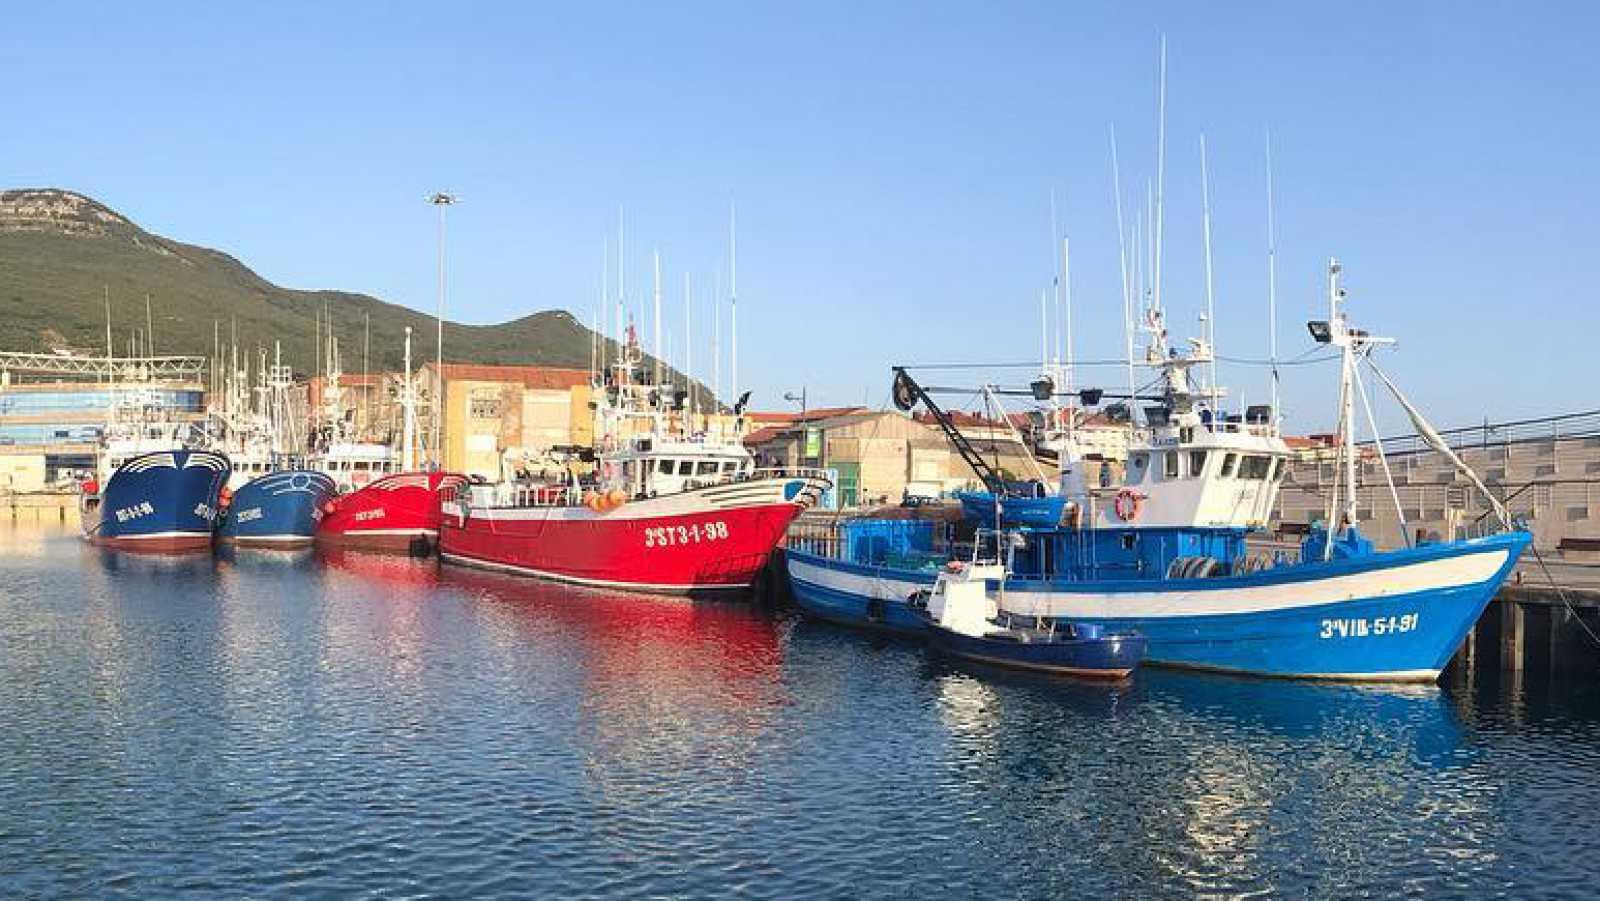 Españoles en la mar - Convenio 188 sobre la Pesca de la Organización Internacional del Trabajo - 25/11/20 - escuchar ahora